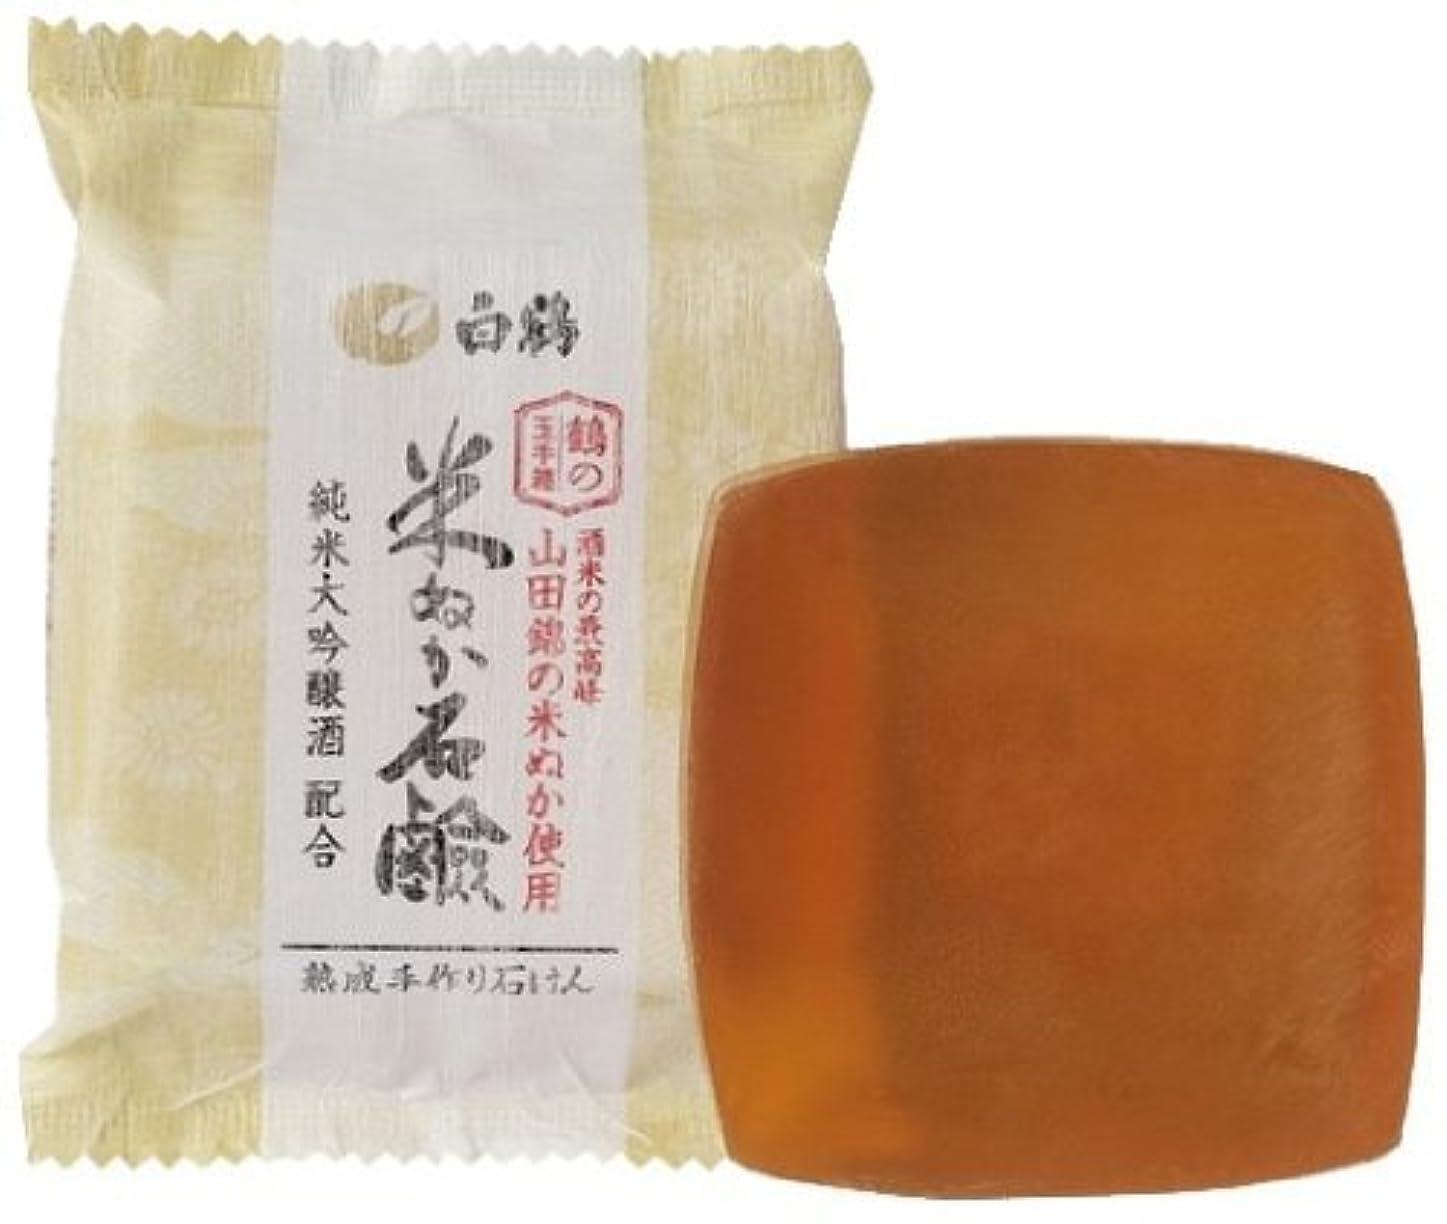 薬しょっぱいインク白鶴 鶴の玉手箱 米ぬか石けん 100g × 5個 (純米大吟醸 山田錦の米ぬか配合)